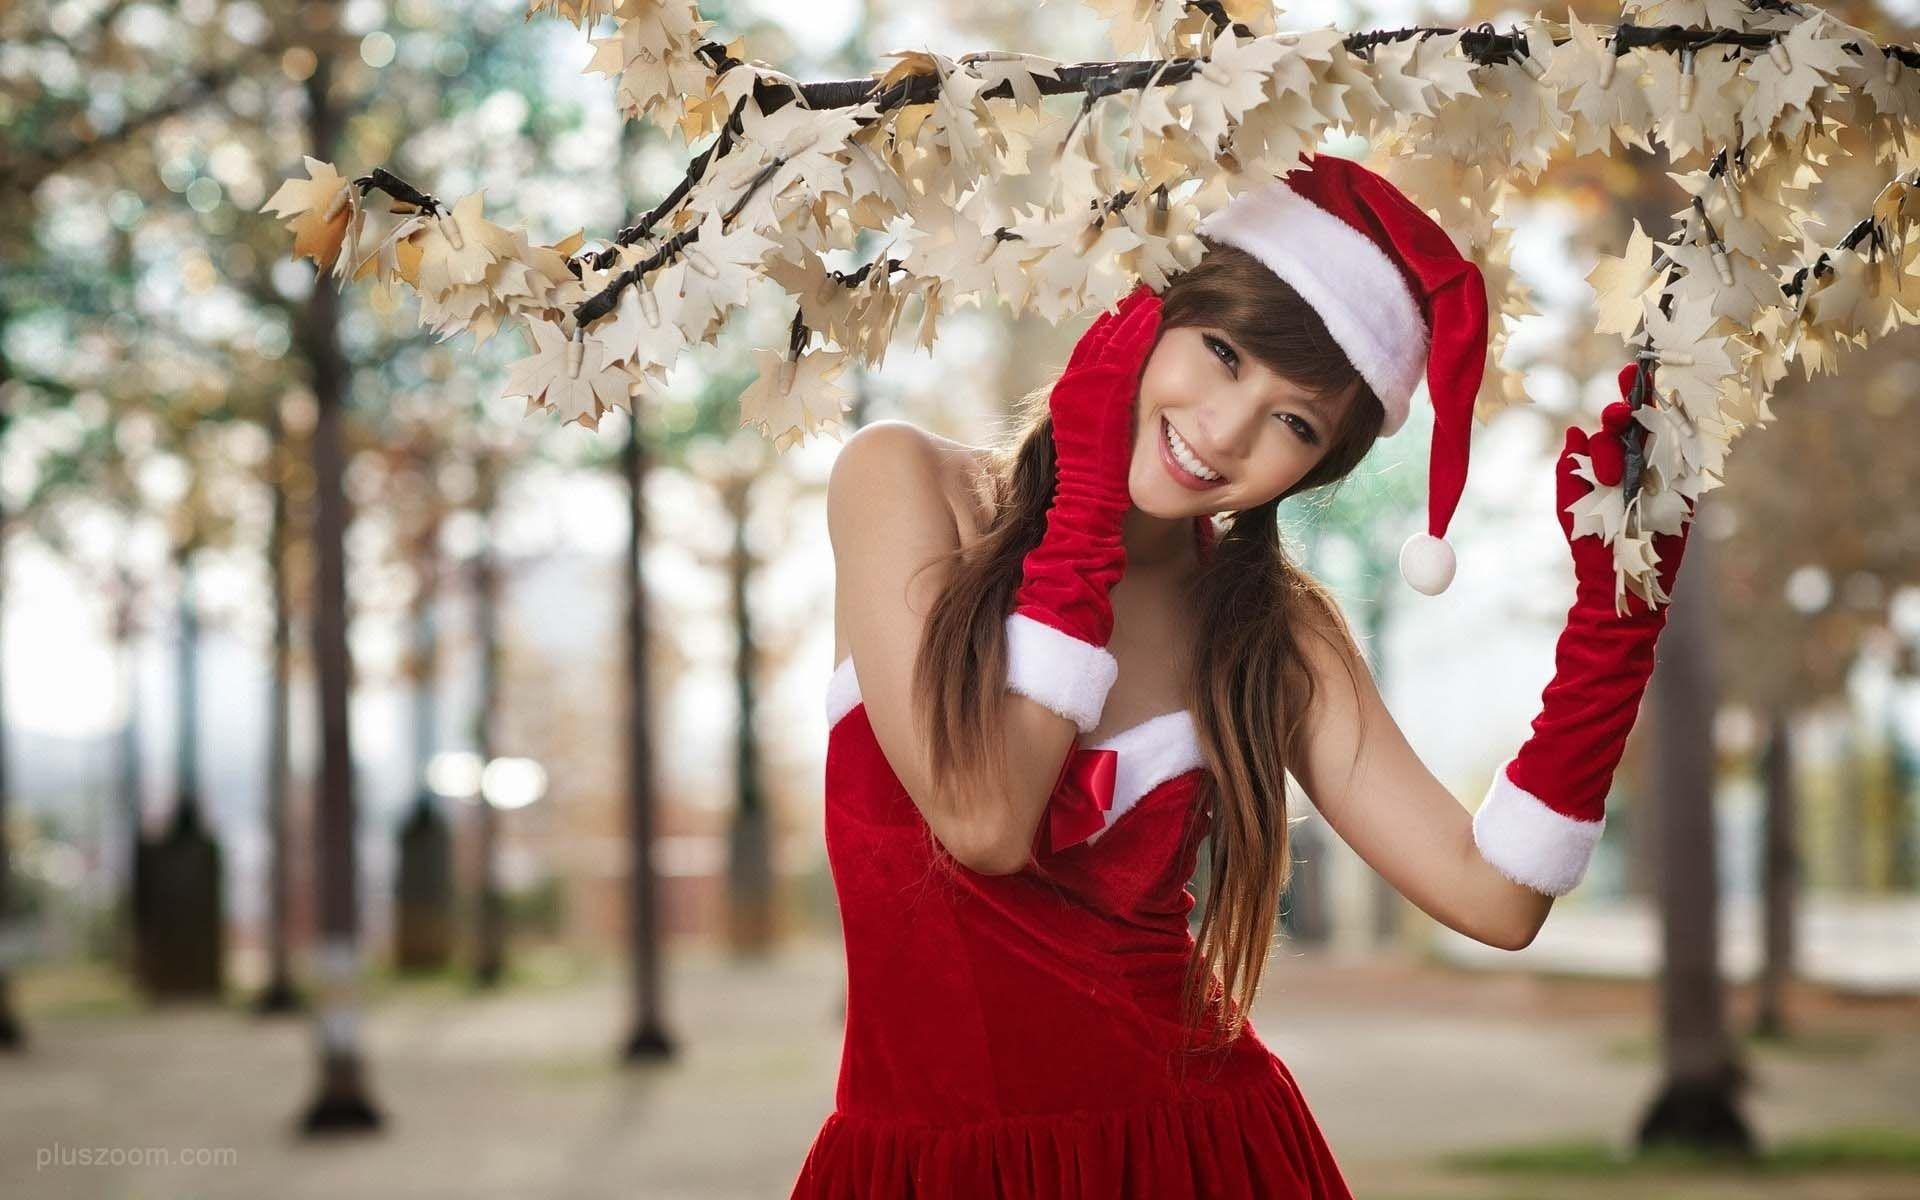 Christmas Girl Outfits Hd Wallpapers 8 Girls Christmas Dress